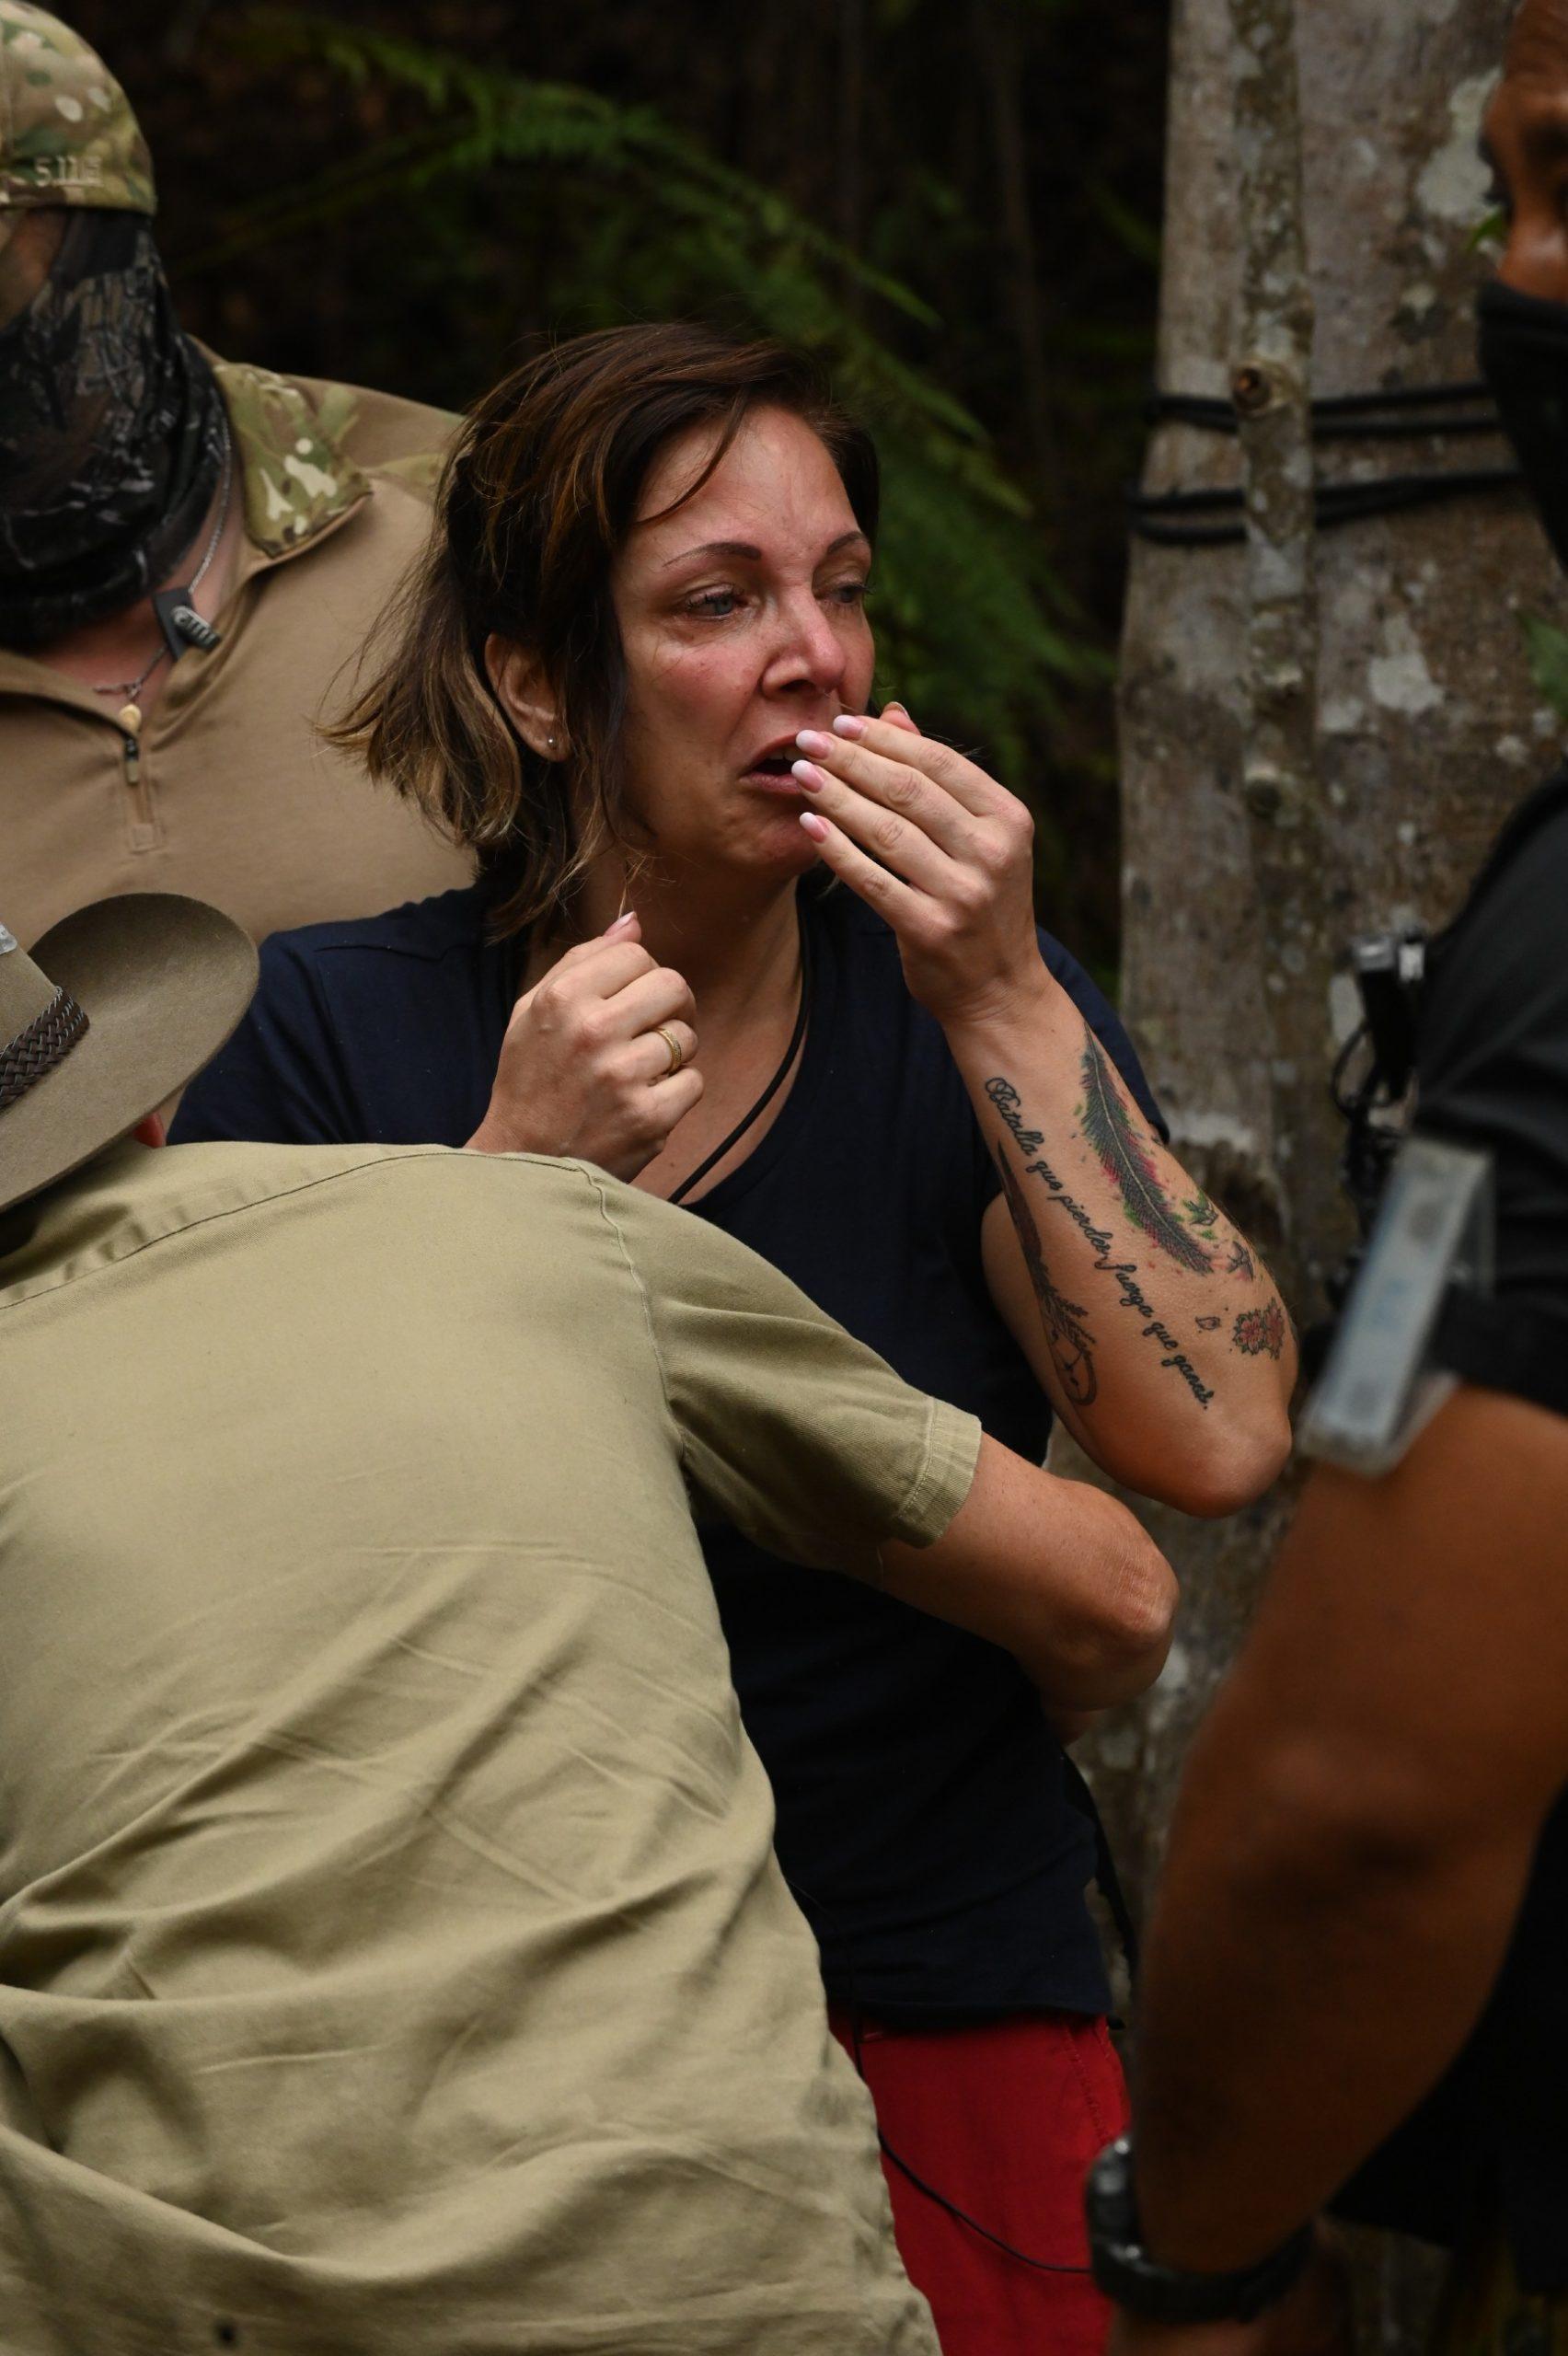 Dschungelcamp Prüfung Heute